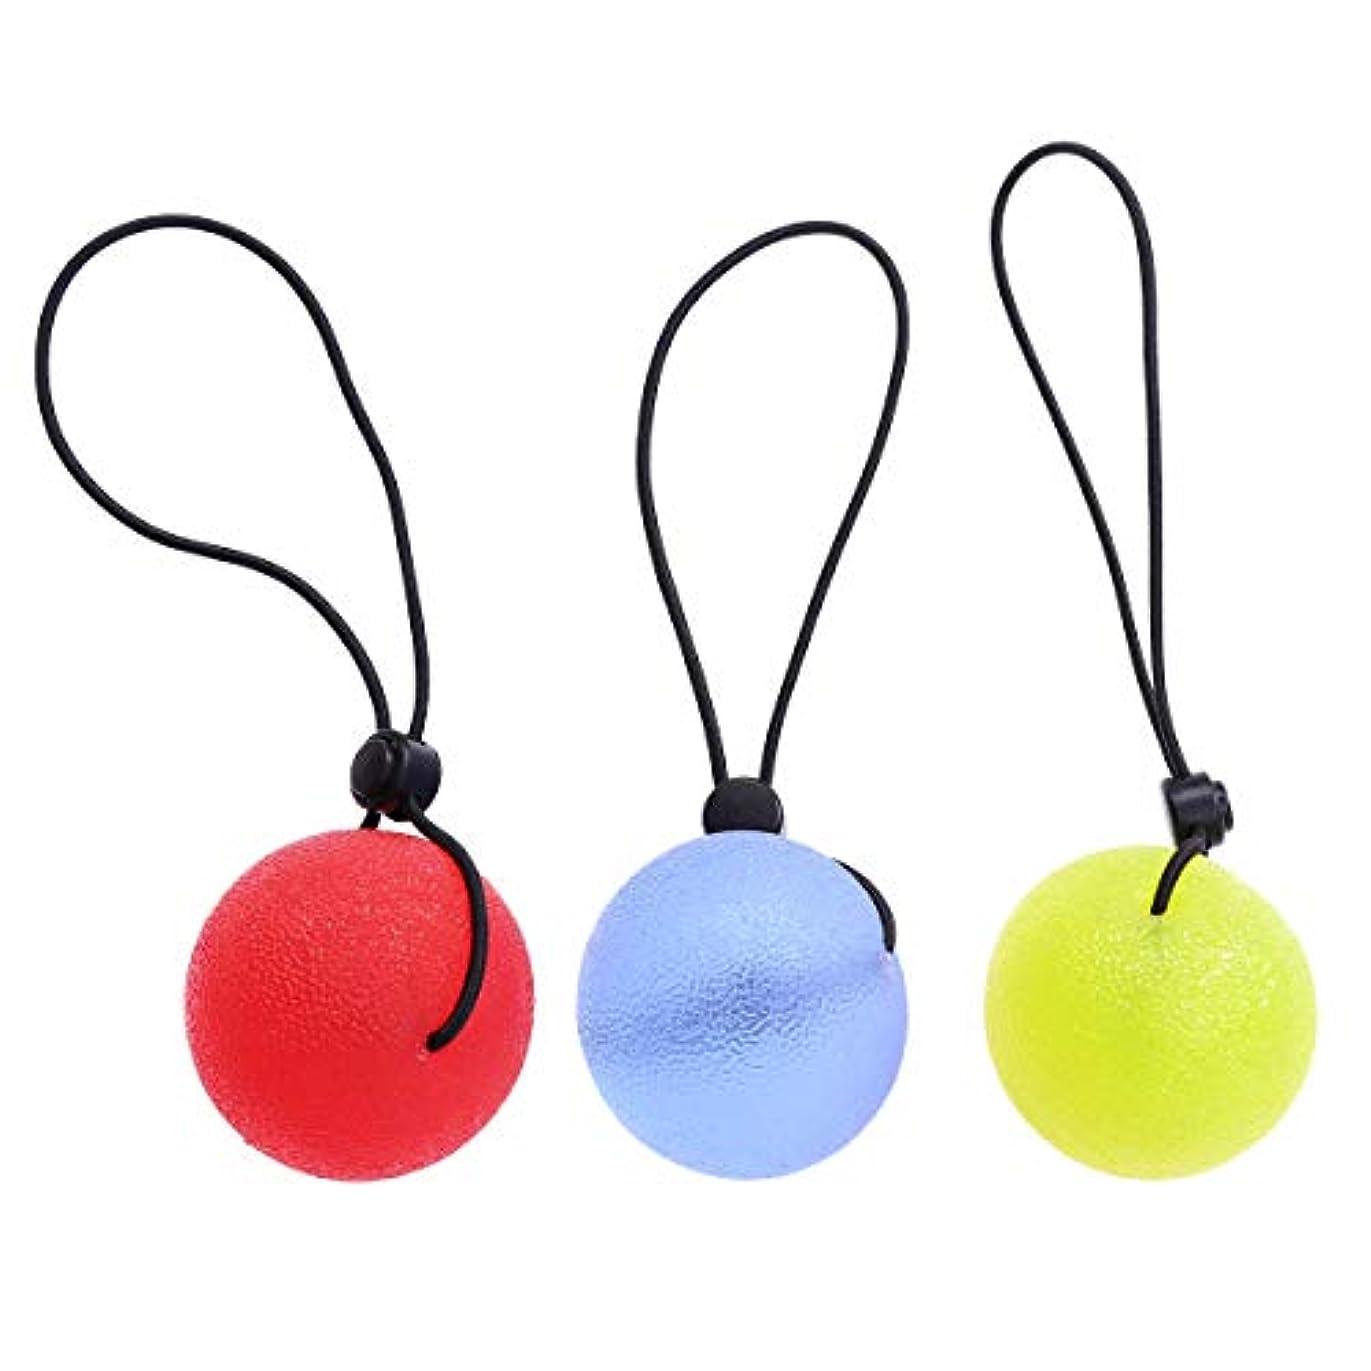 運河完全に乾く囲いHEALIFTY ストレスリリーフボール、3本の指グリップボールセラピーエクササイズスクイズ卵ストレスボールストリングフィットネス機器(ランダムカラー)